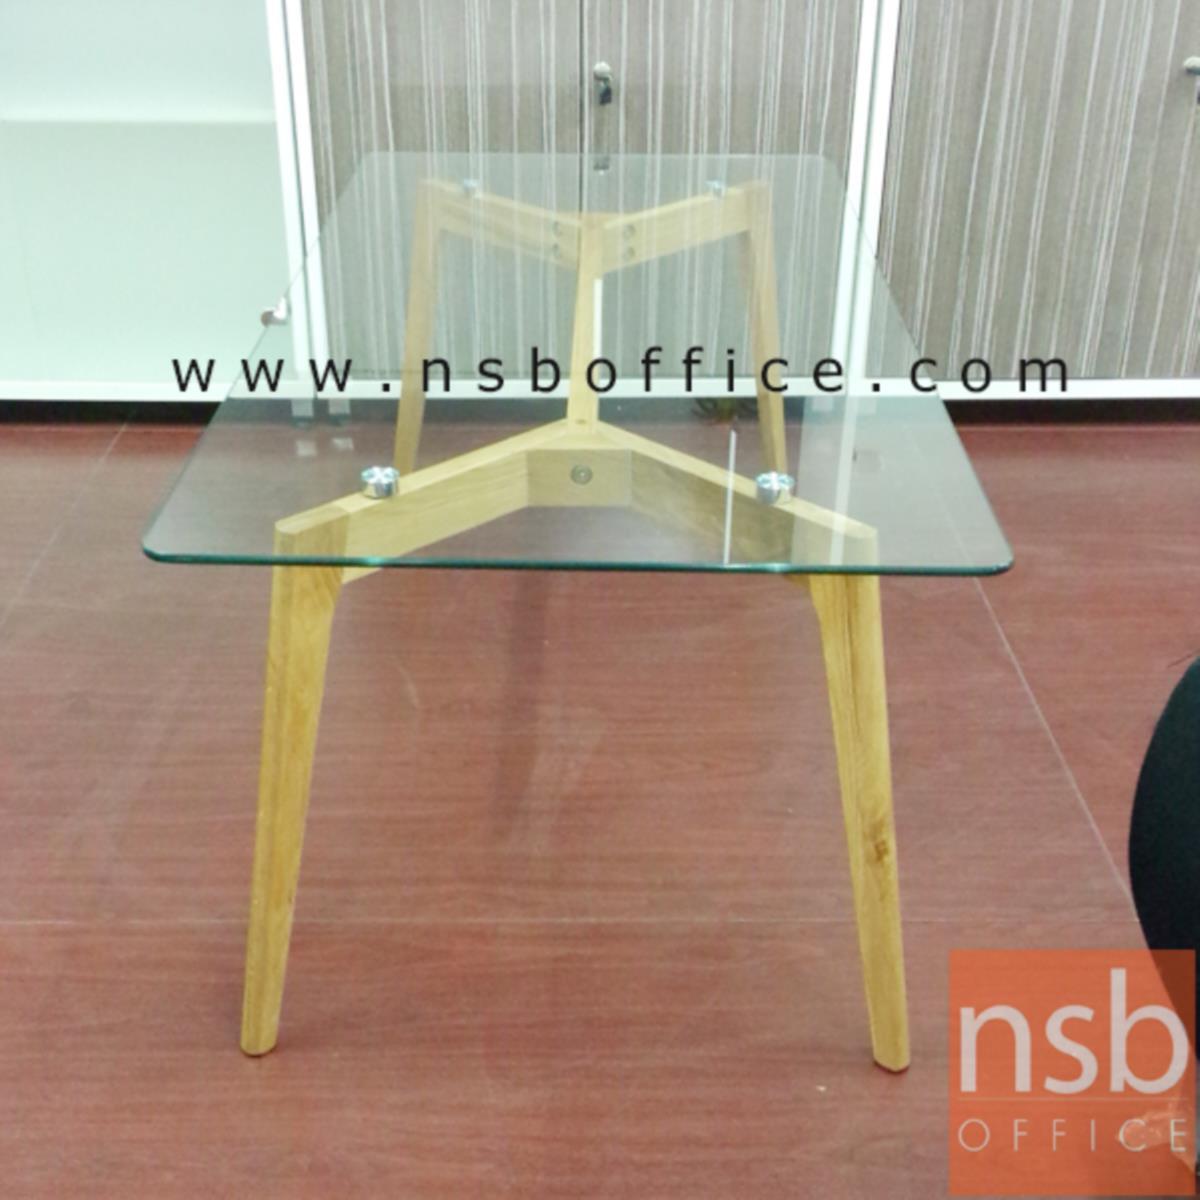 โต๊ะกลางกระจก  รุ่น Wilson (วิลสัน) ขนาด 120W cm. ขาไม้